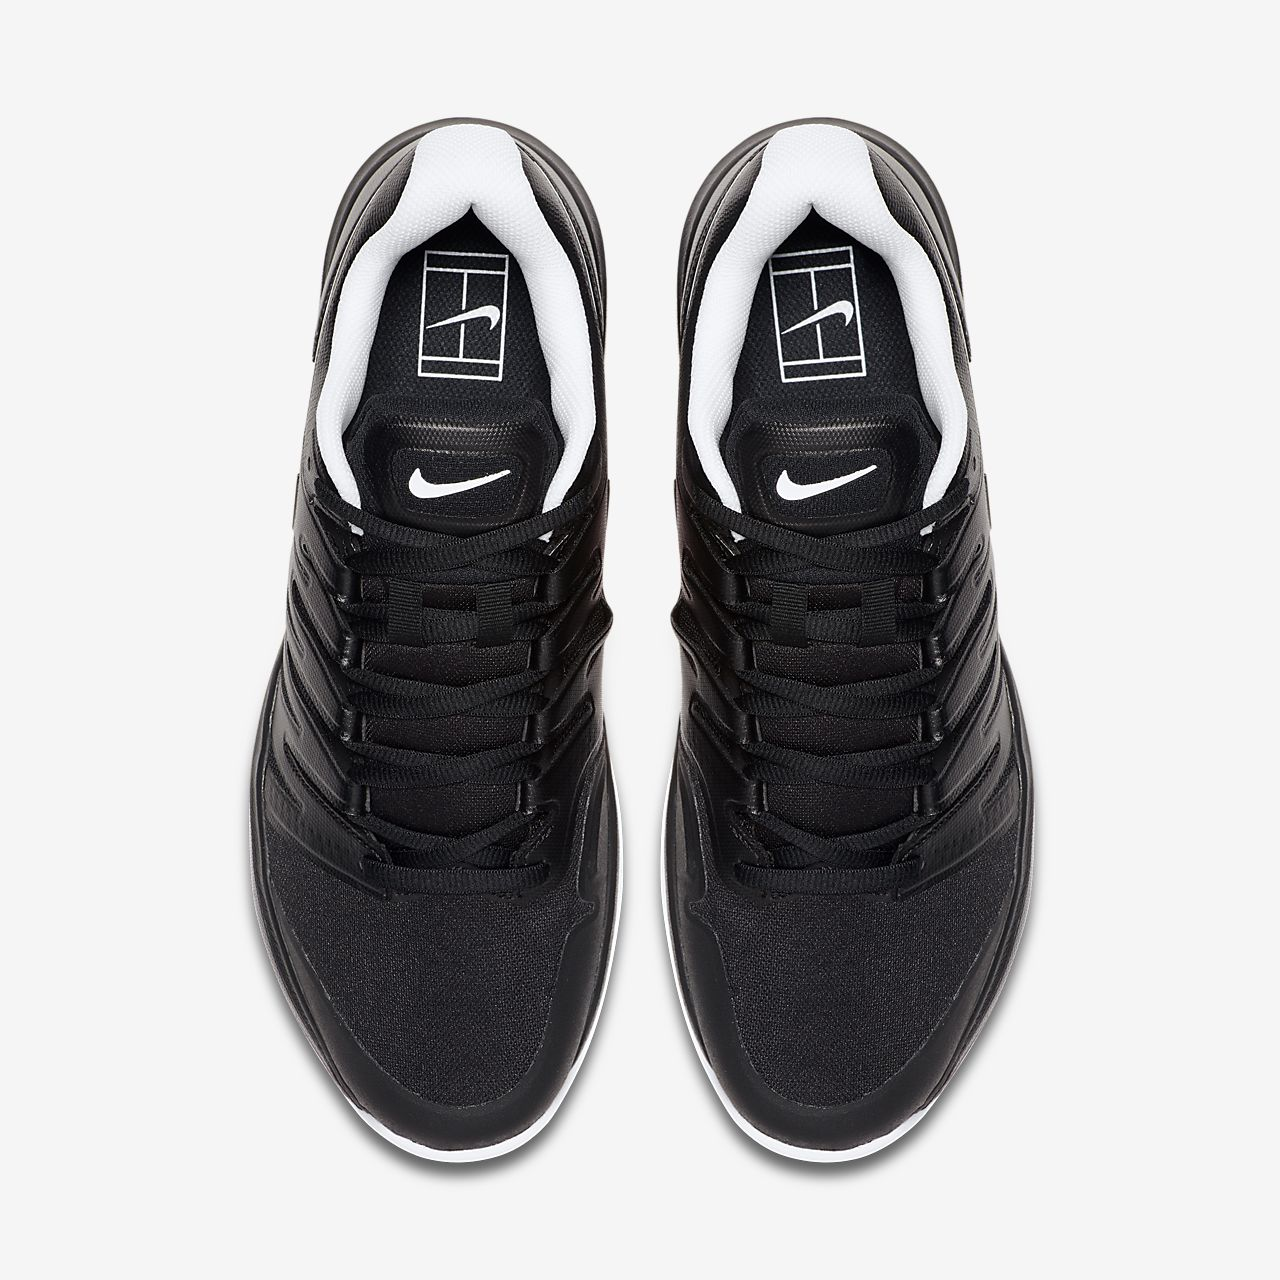 316c849a ... NikeCourt Air Zoom Prestige Zapatillas de tenis para tierra batida -  Hombre